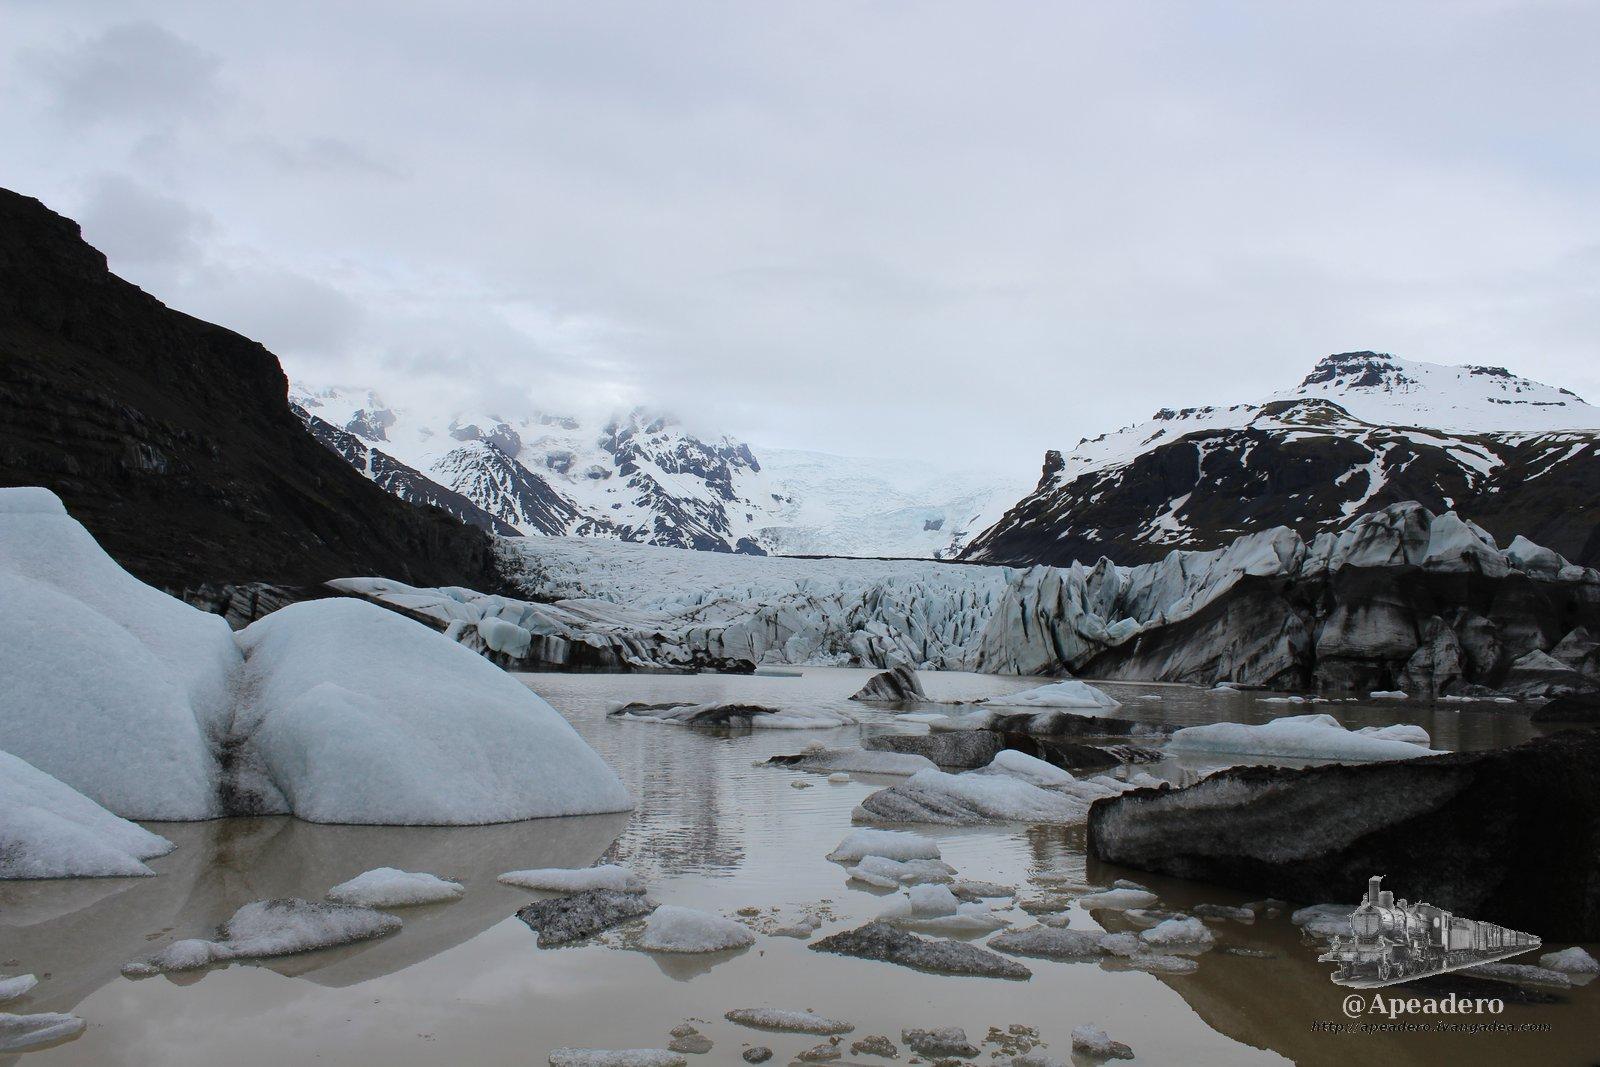 El frente del glaciar es como el Jokulsarlon pero de color marrón caca. Hay mucho barro y el mar está lejos.